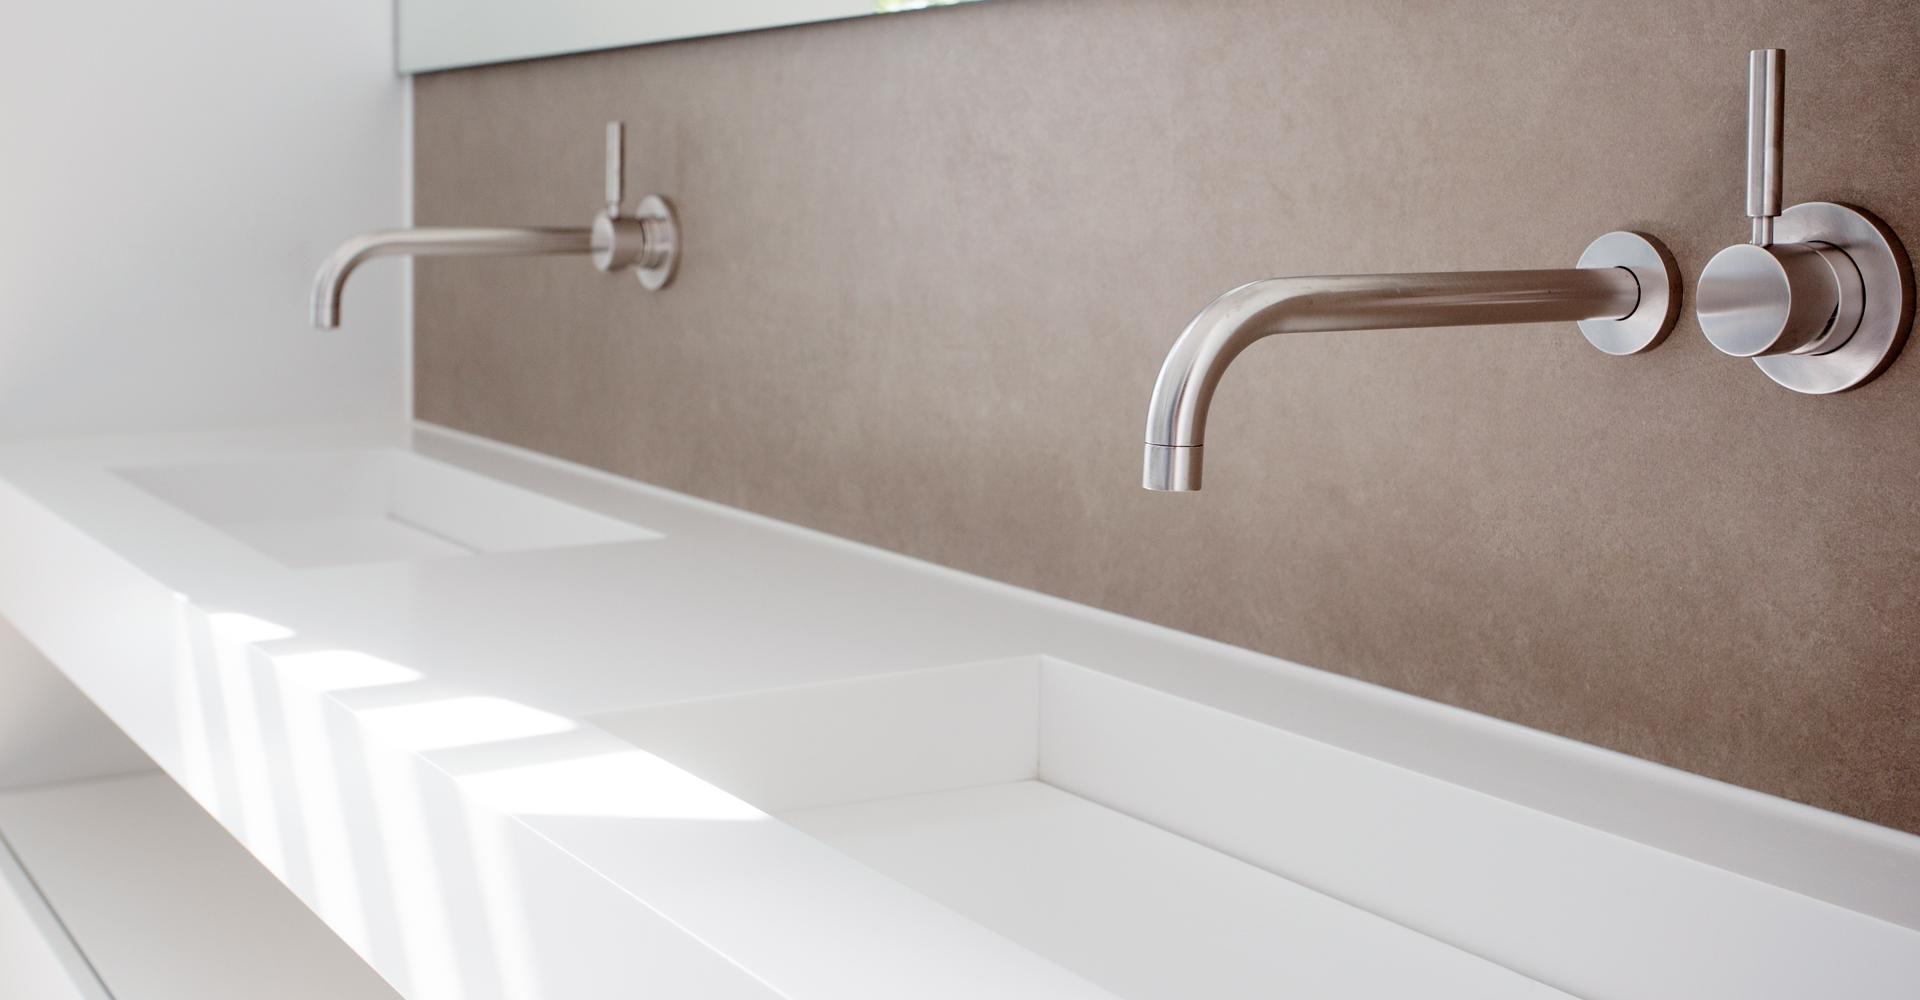 Badkamer Wastafel Afvoer : Maatwerk sjartec badkamers wellness en tegels in leiden